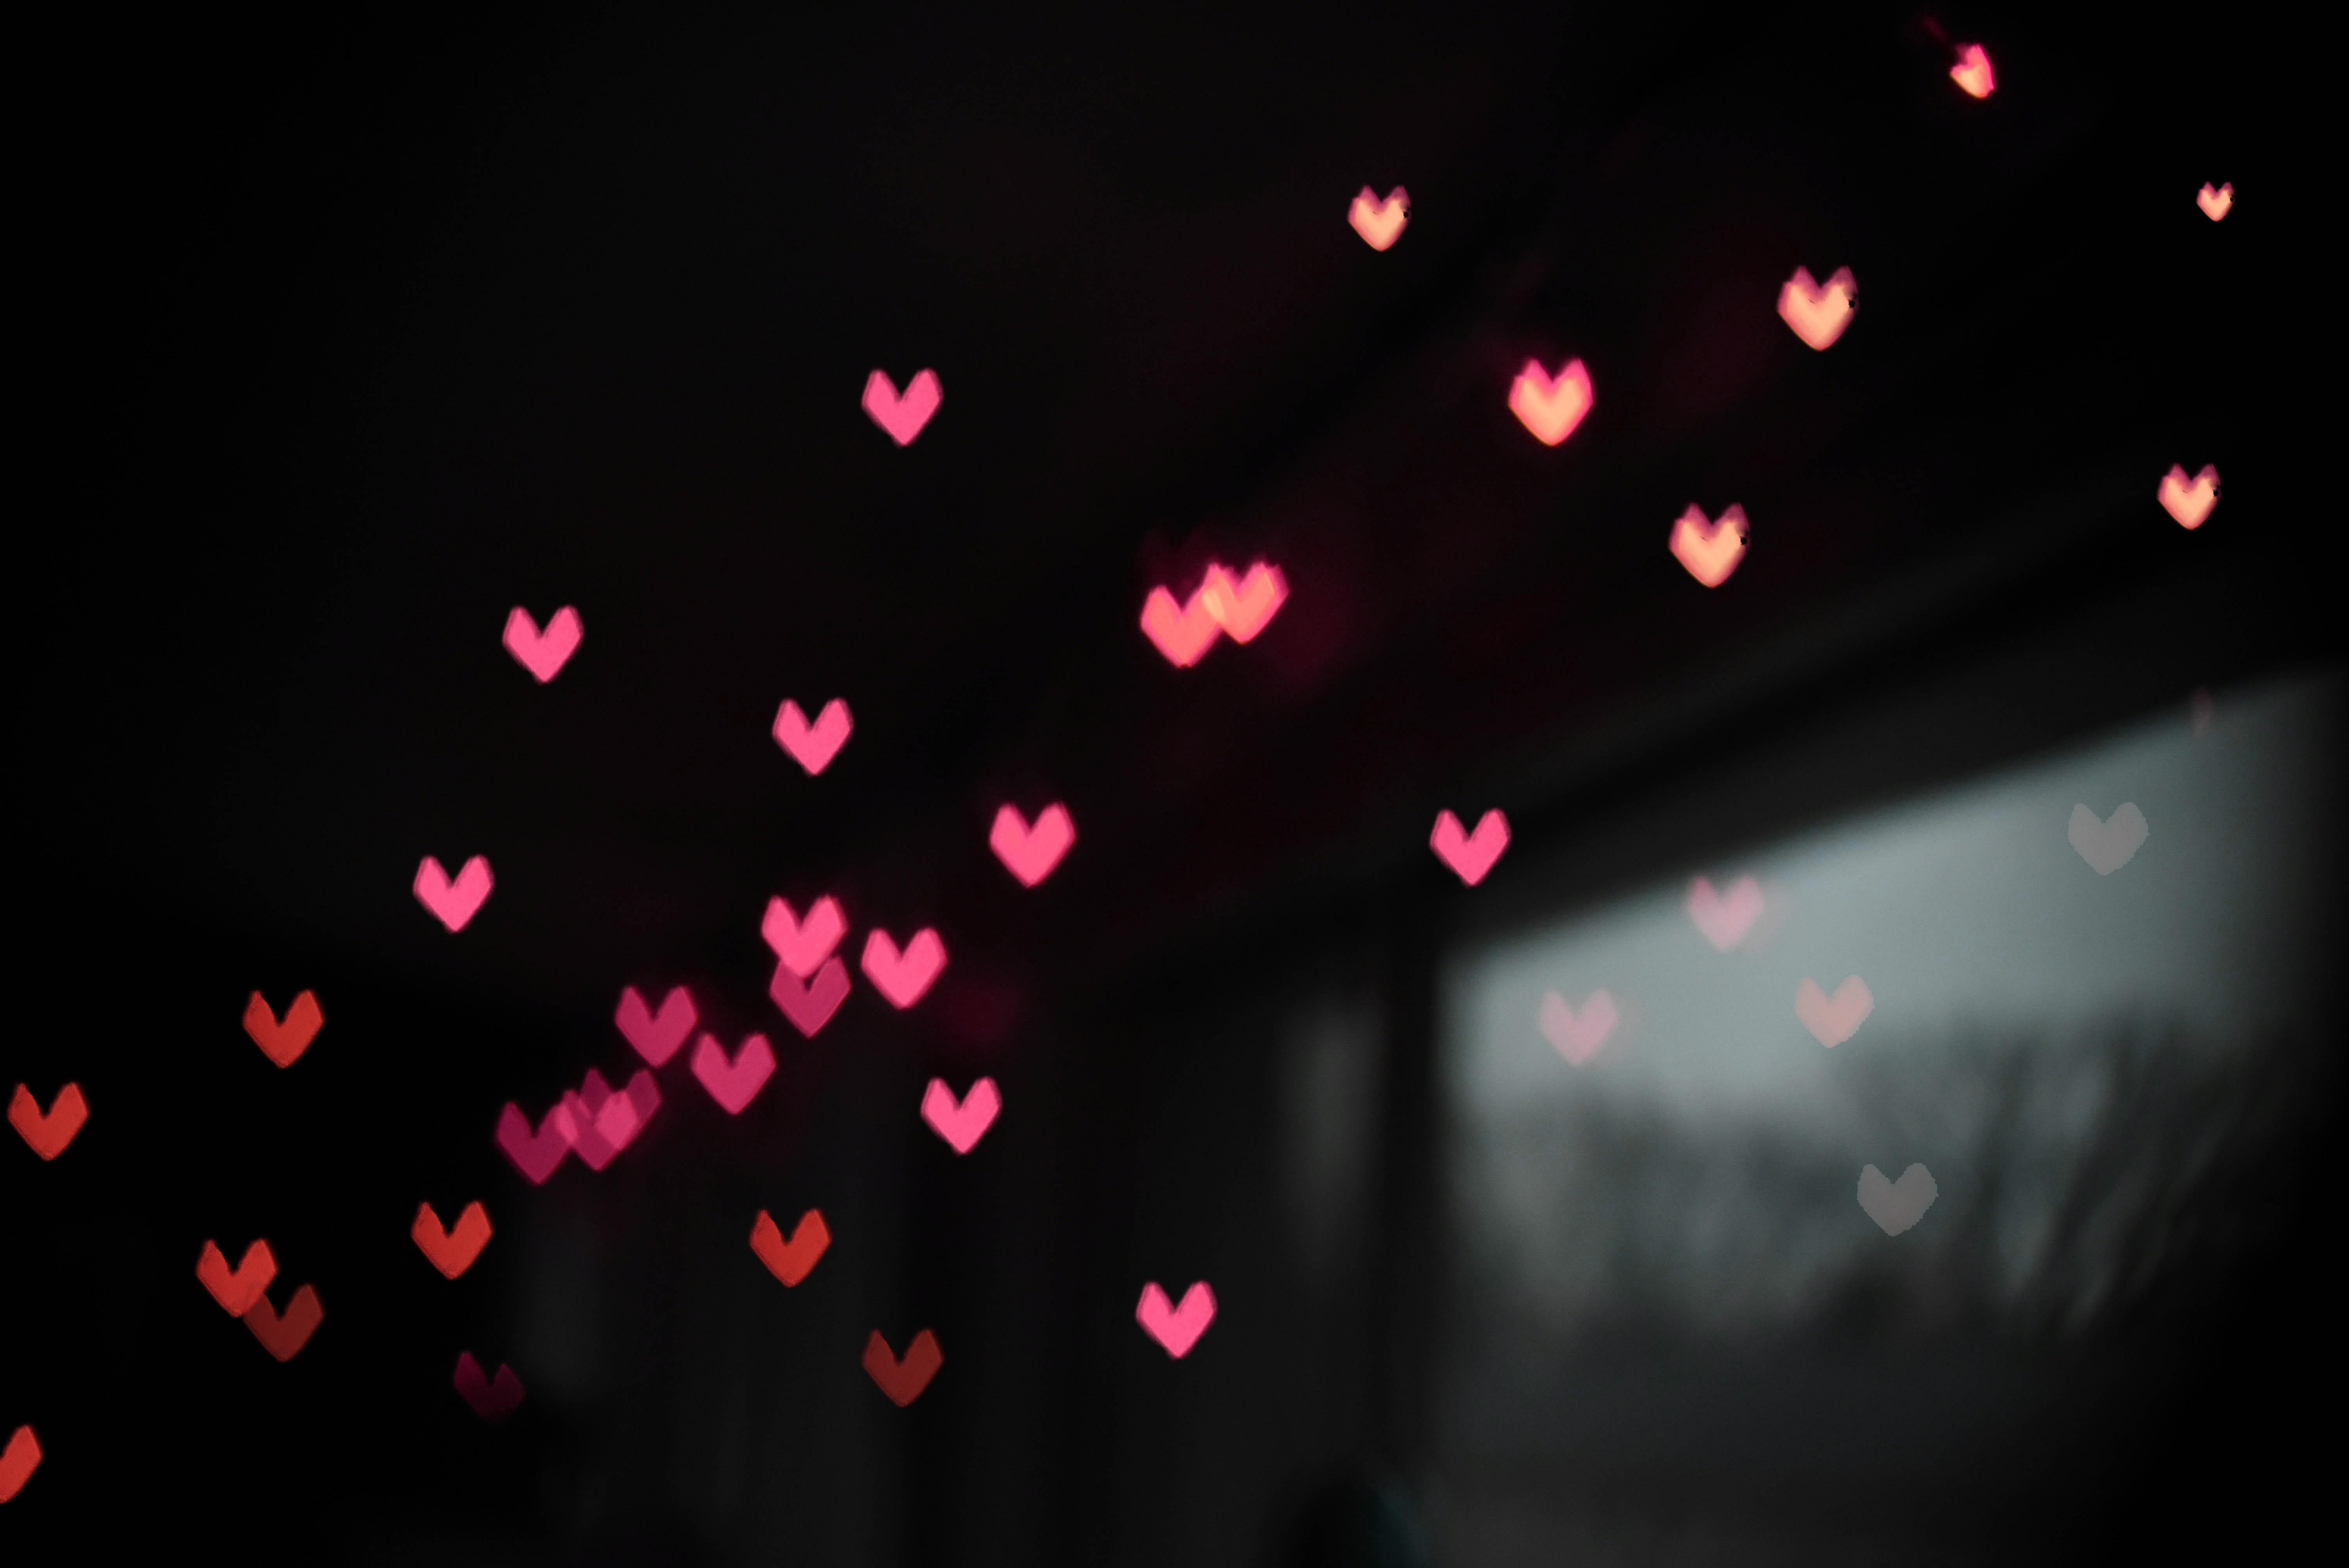 Pinke Herzen vor dunklem Hintergrund